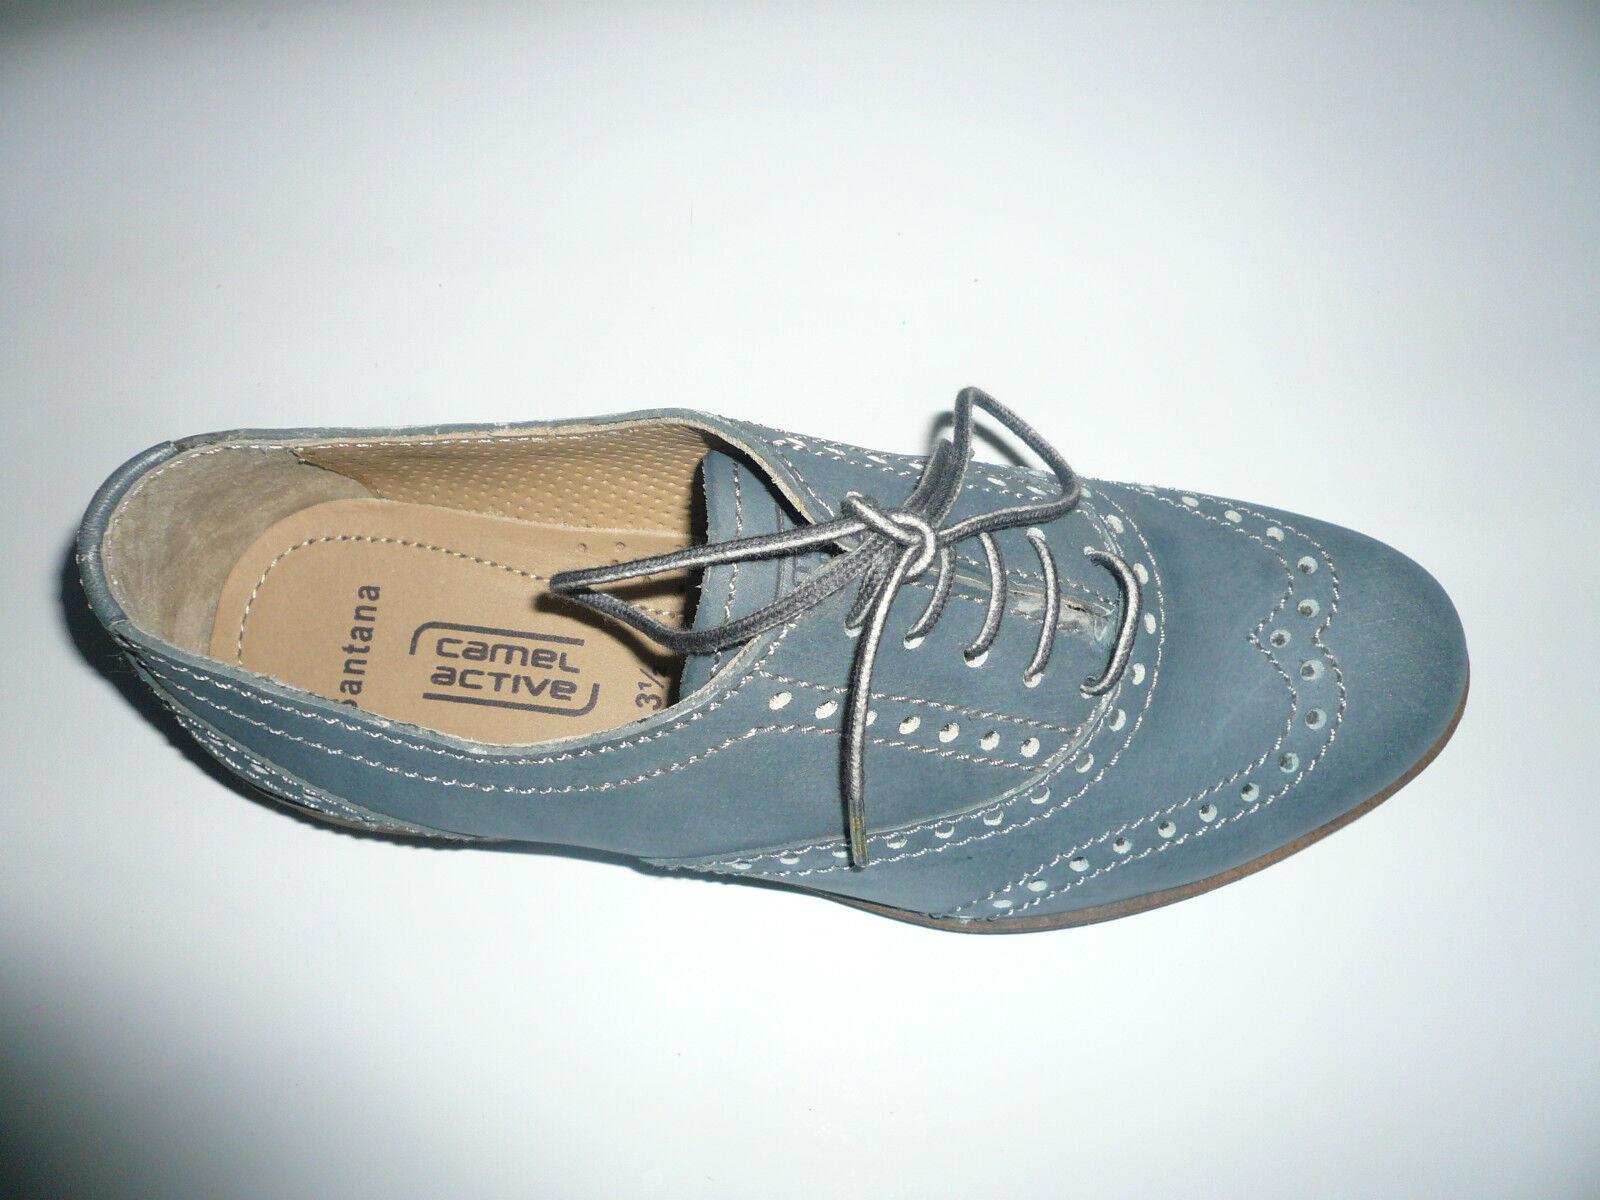 CAMEL Active Donna Mezza scarpa in blu tg. 36+ 38,5 * 23687004 *